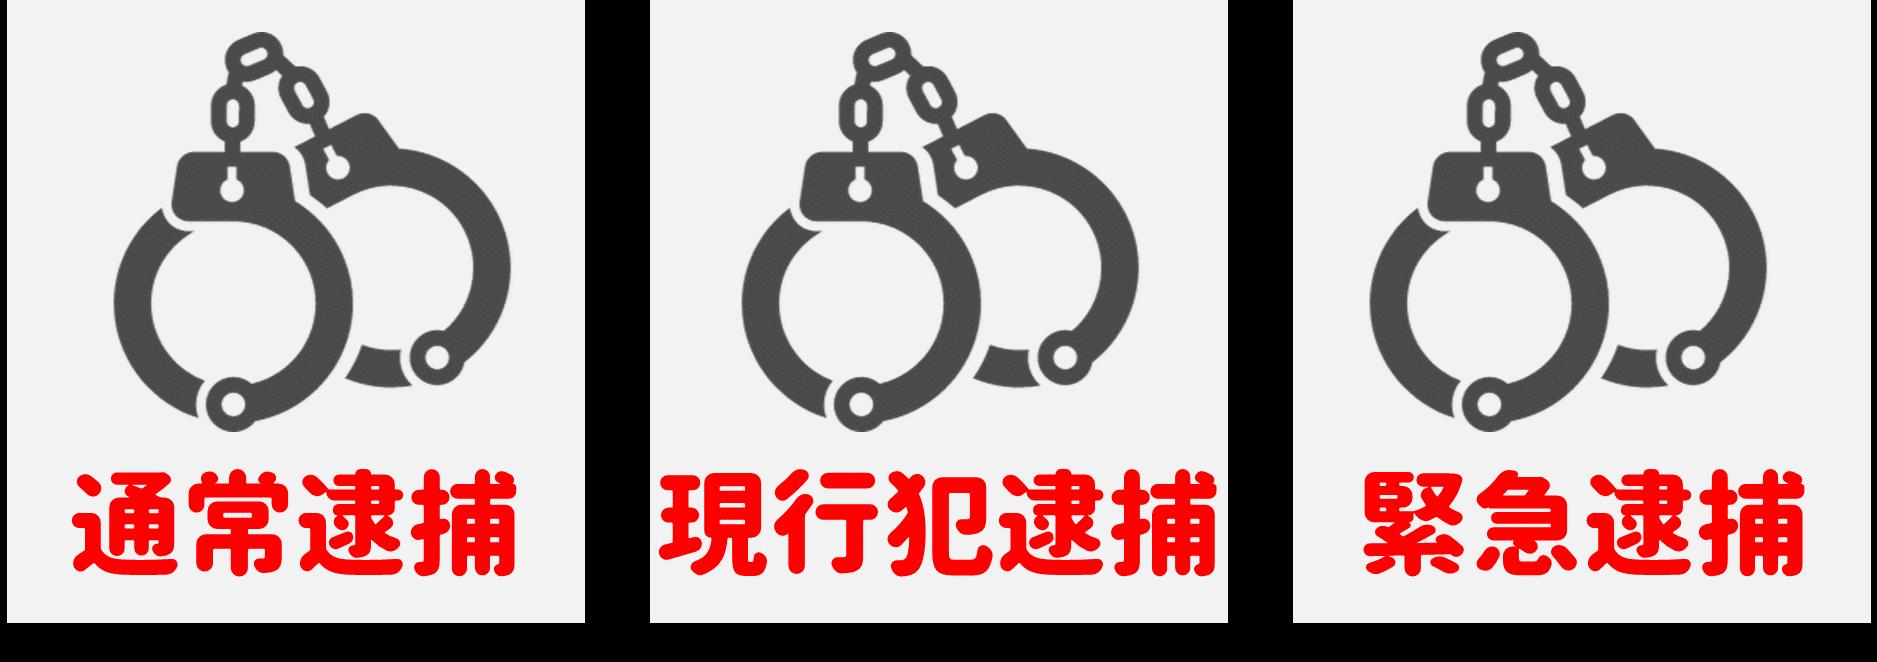 逮捕の種類